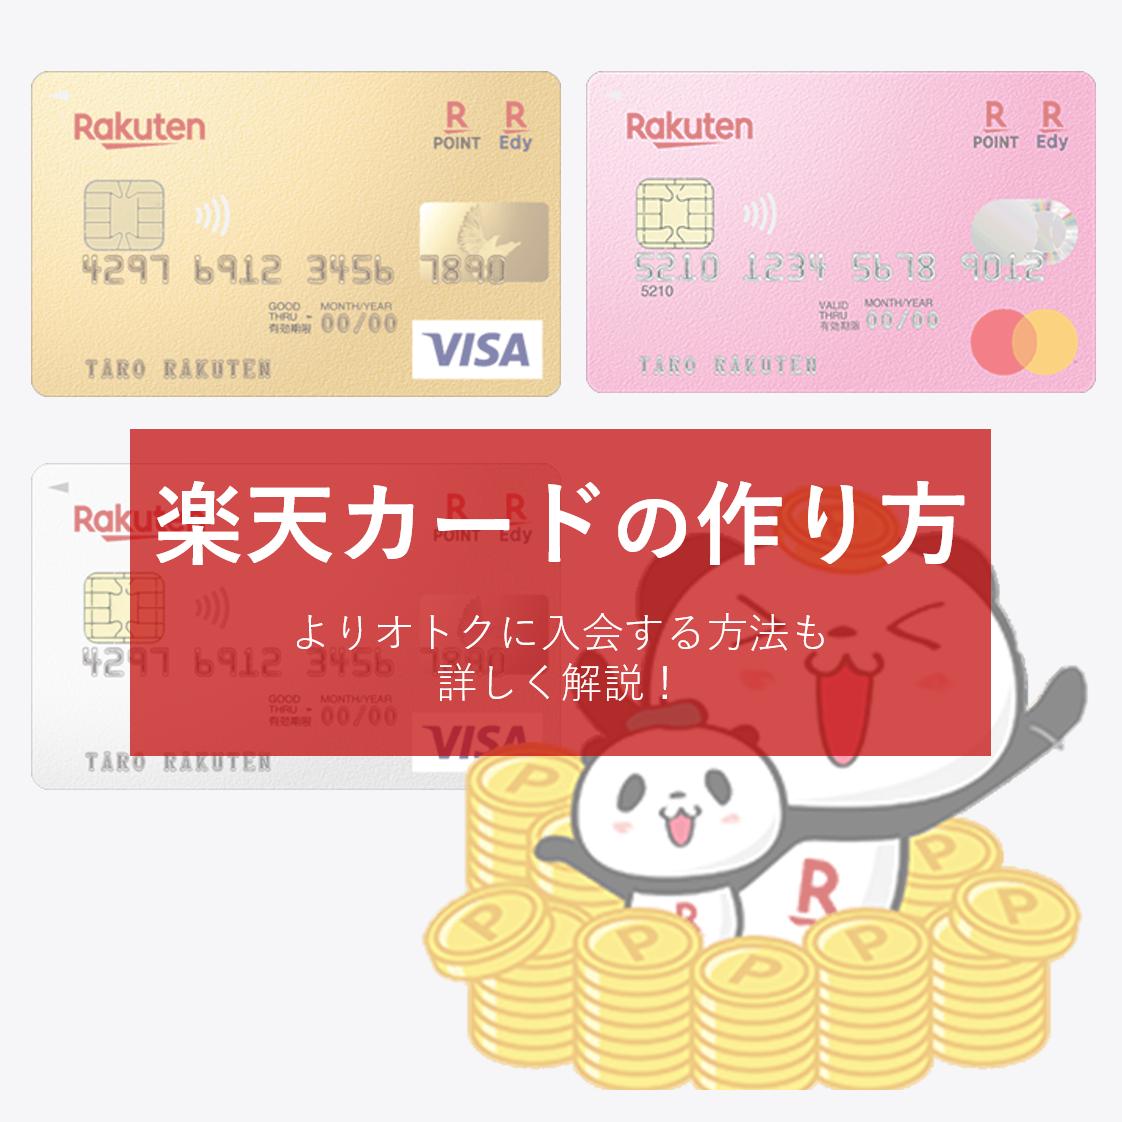 楽天カードの作り方・申し込み方法を解説!発行の流れから必要なものまで紹介